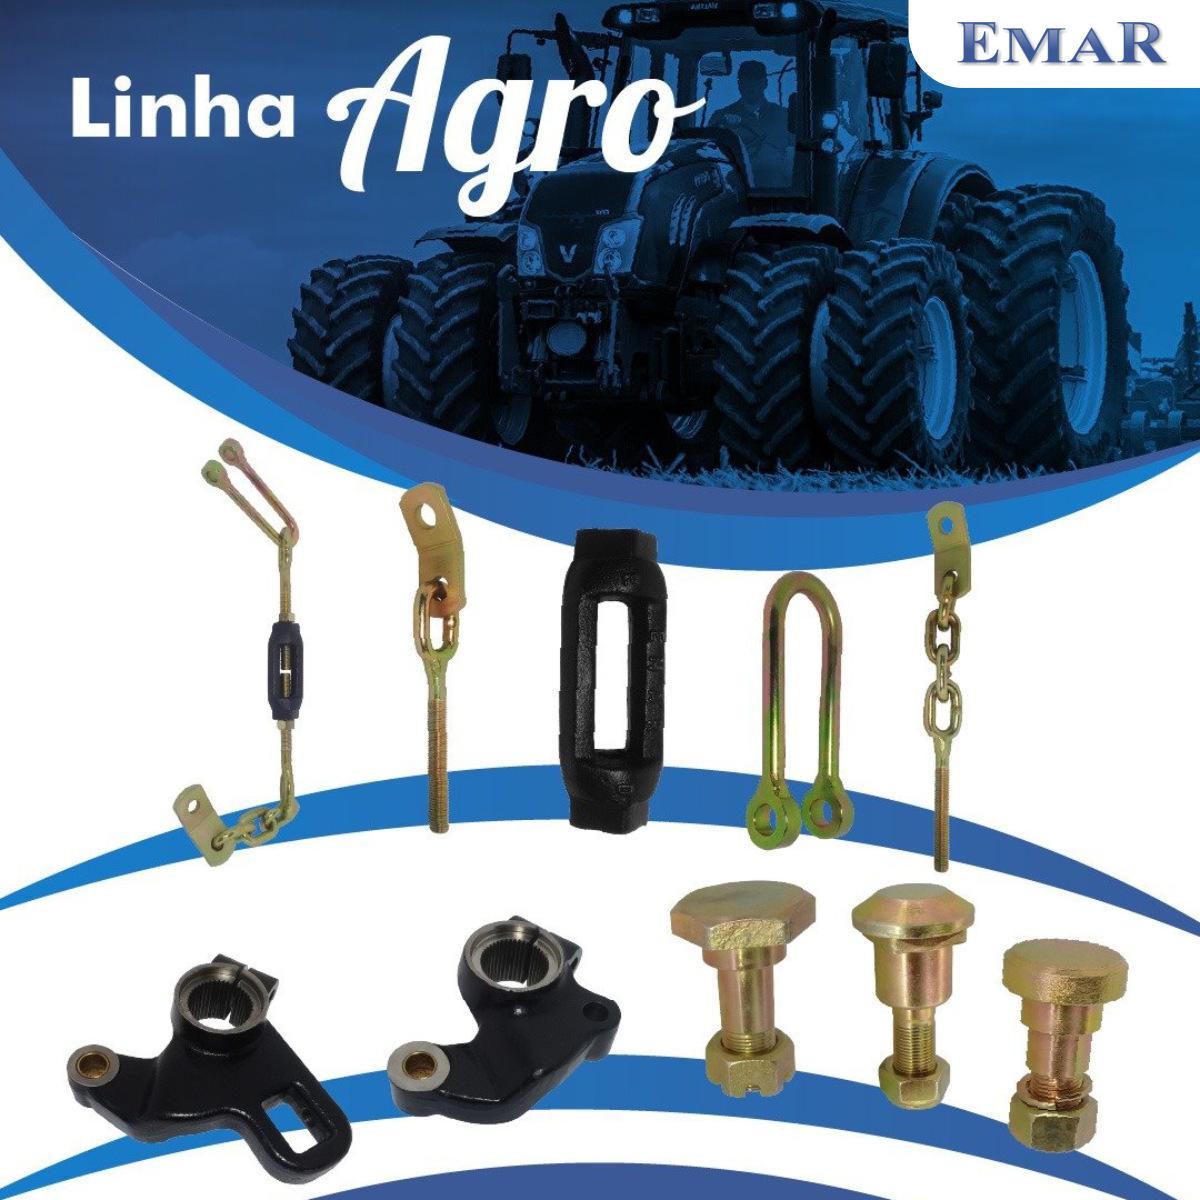 Conjunto Braço Nivelador - Linha Agrícola